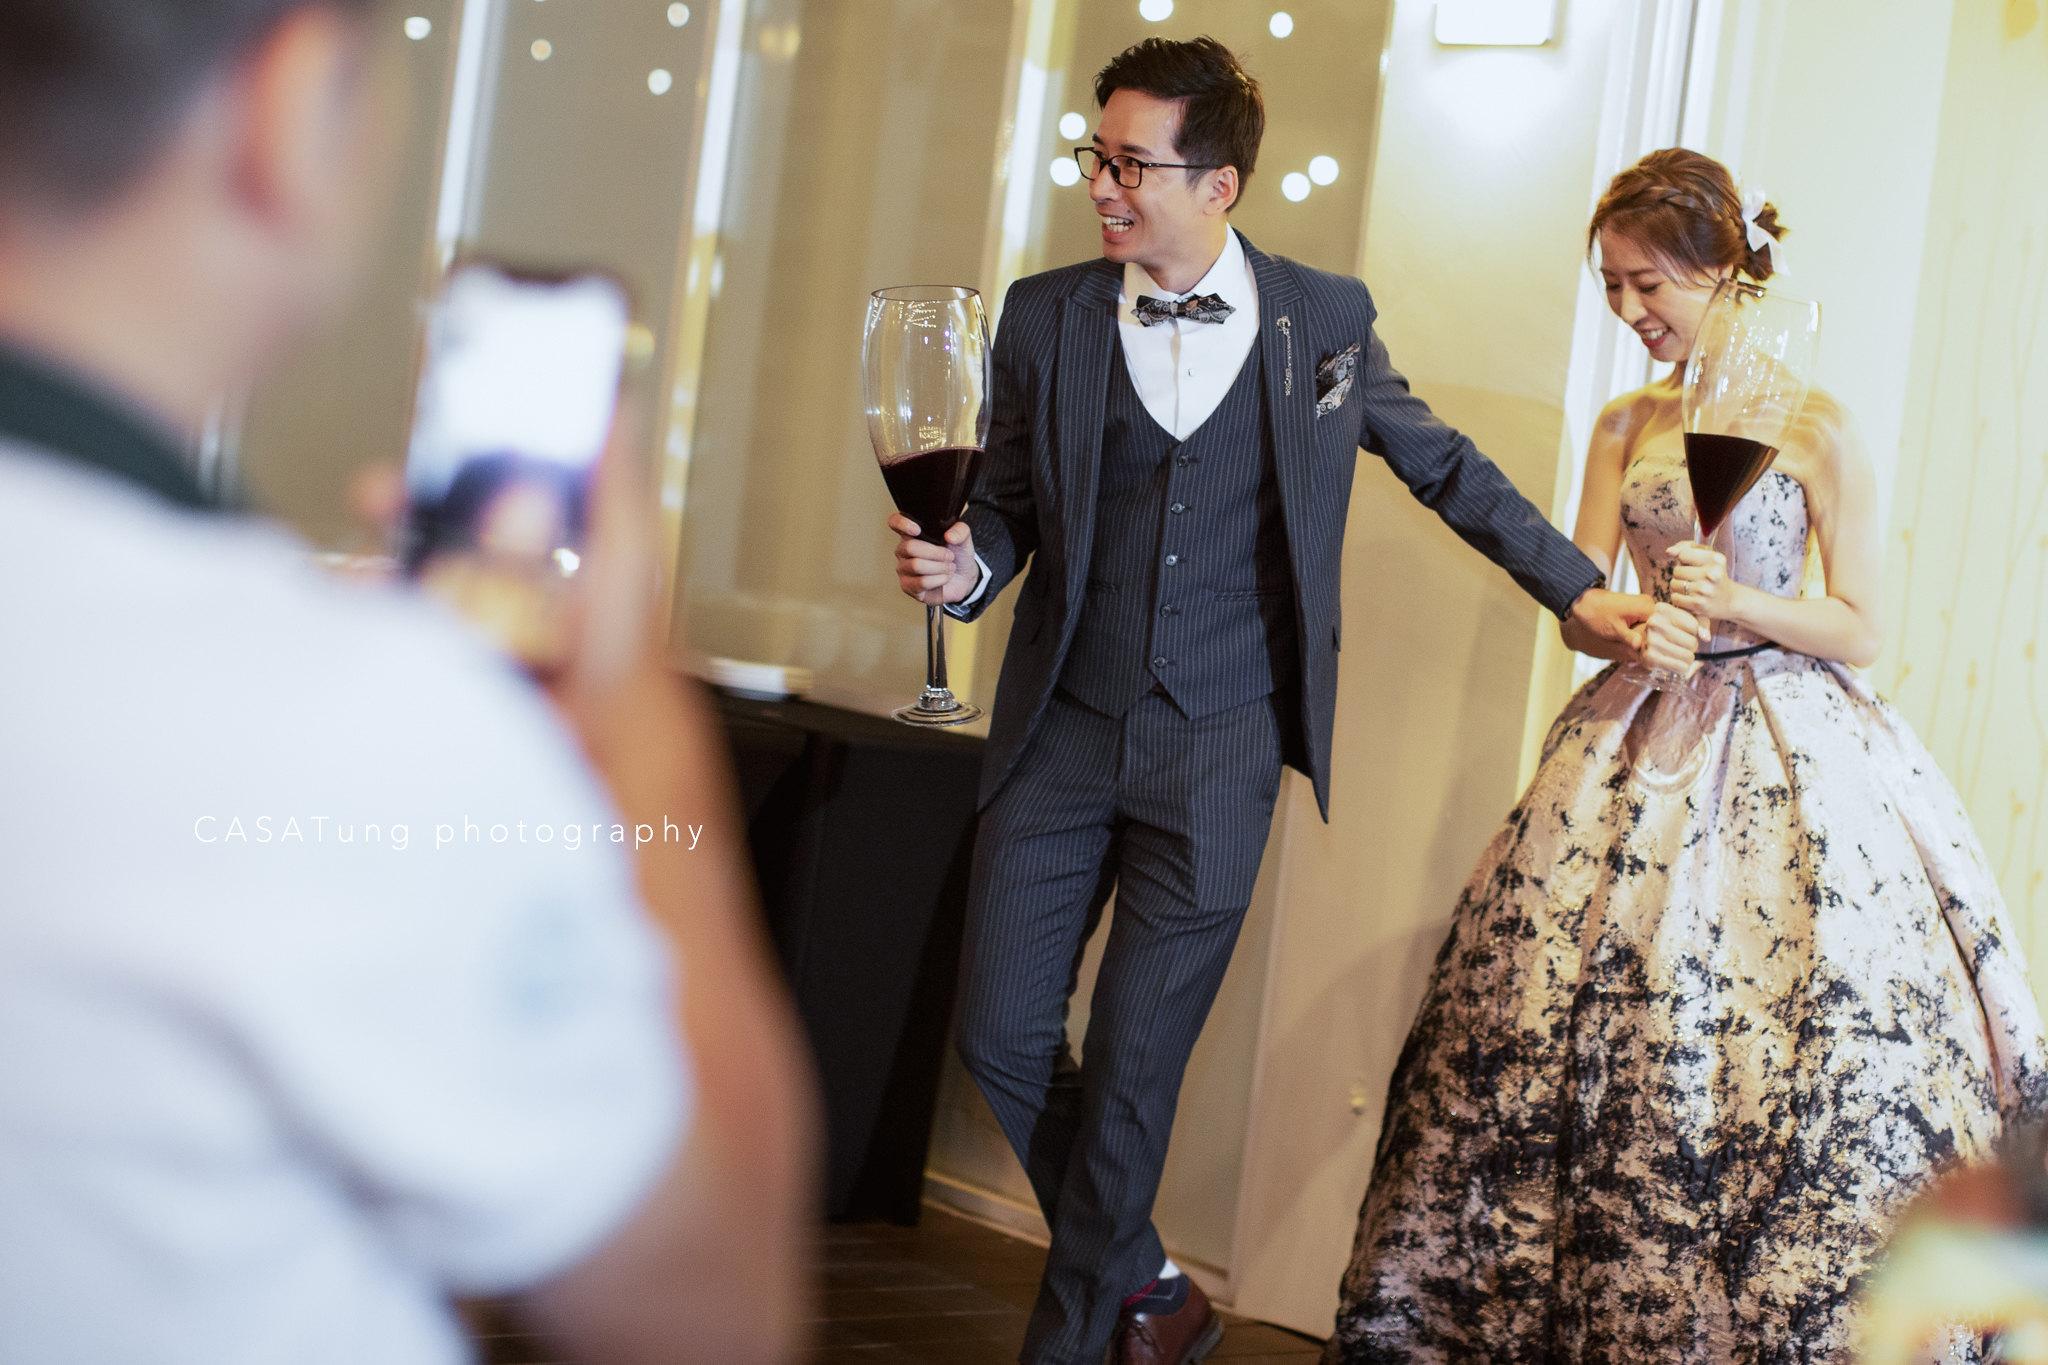 台中自助婚紗,旋轉木馬,心之芳庭,婚攝casa-99